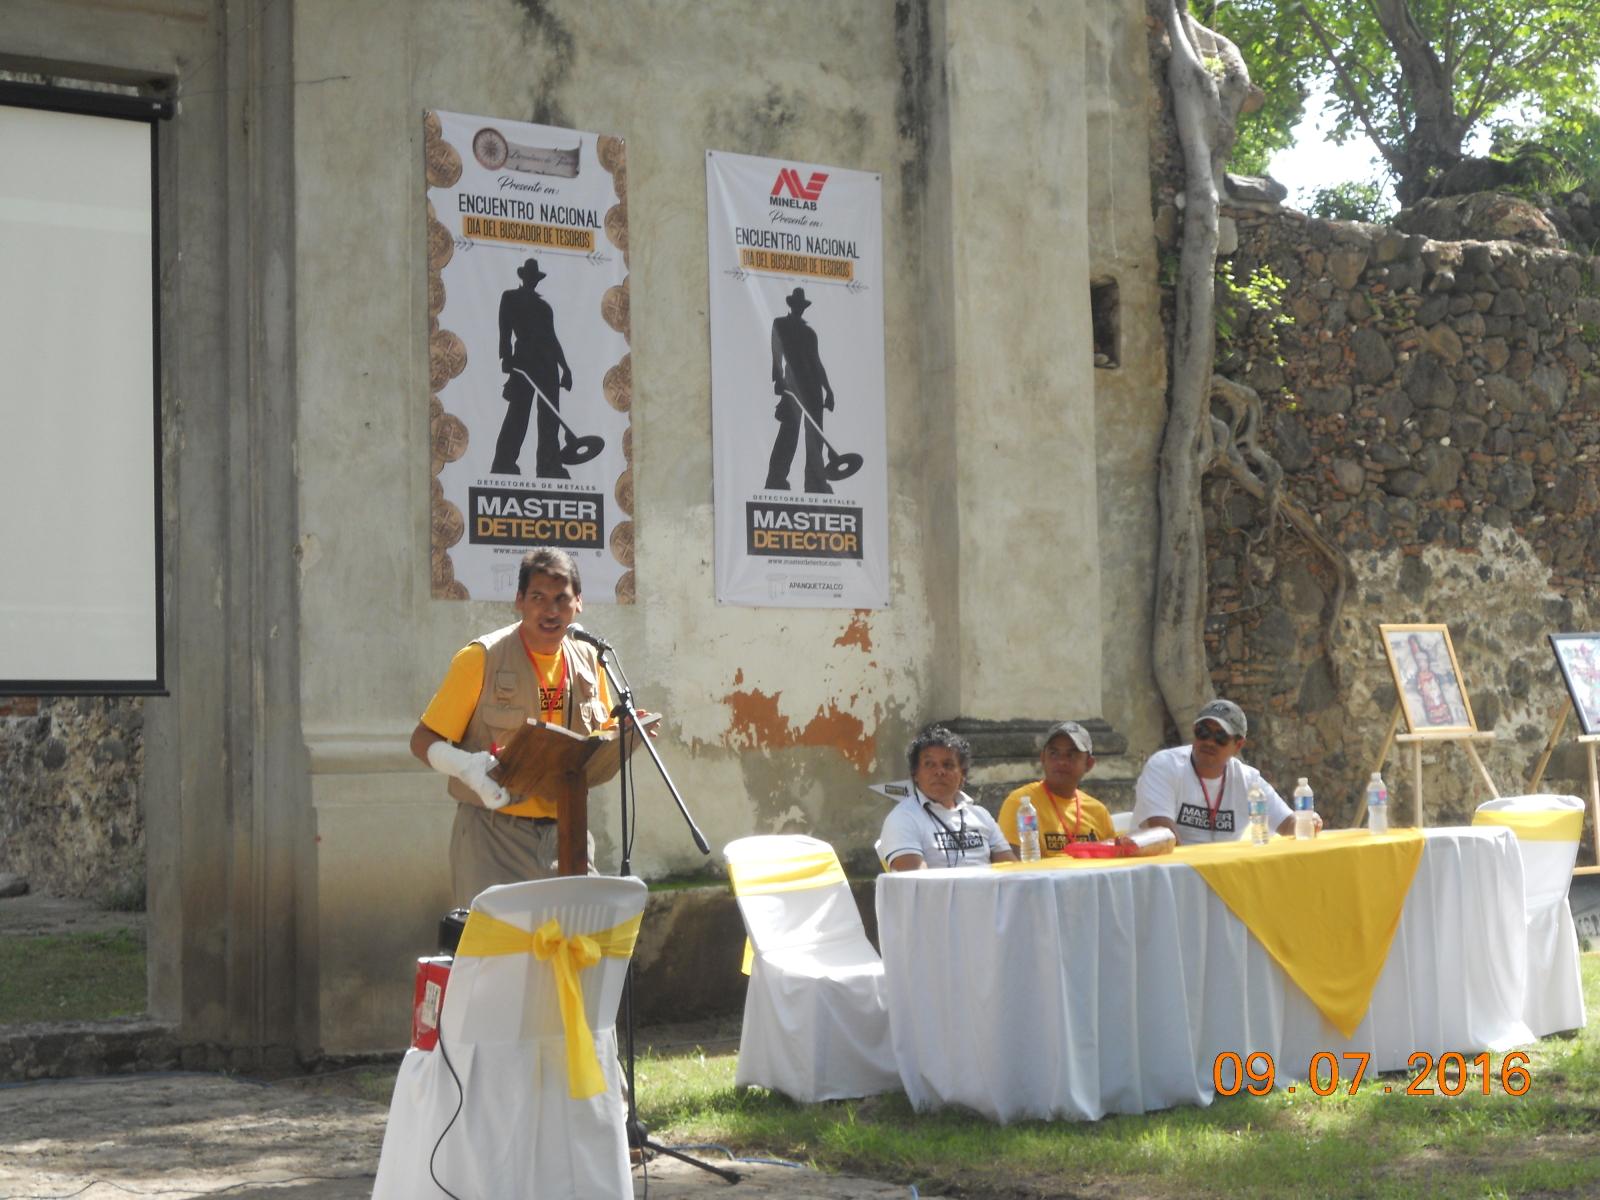 PRIMER ENCUENTRO NACIONAL DE BUSCADORES DE TESOROS 1zgry1y